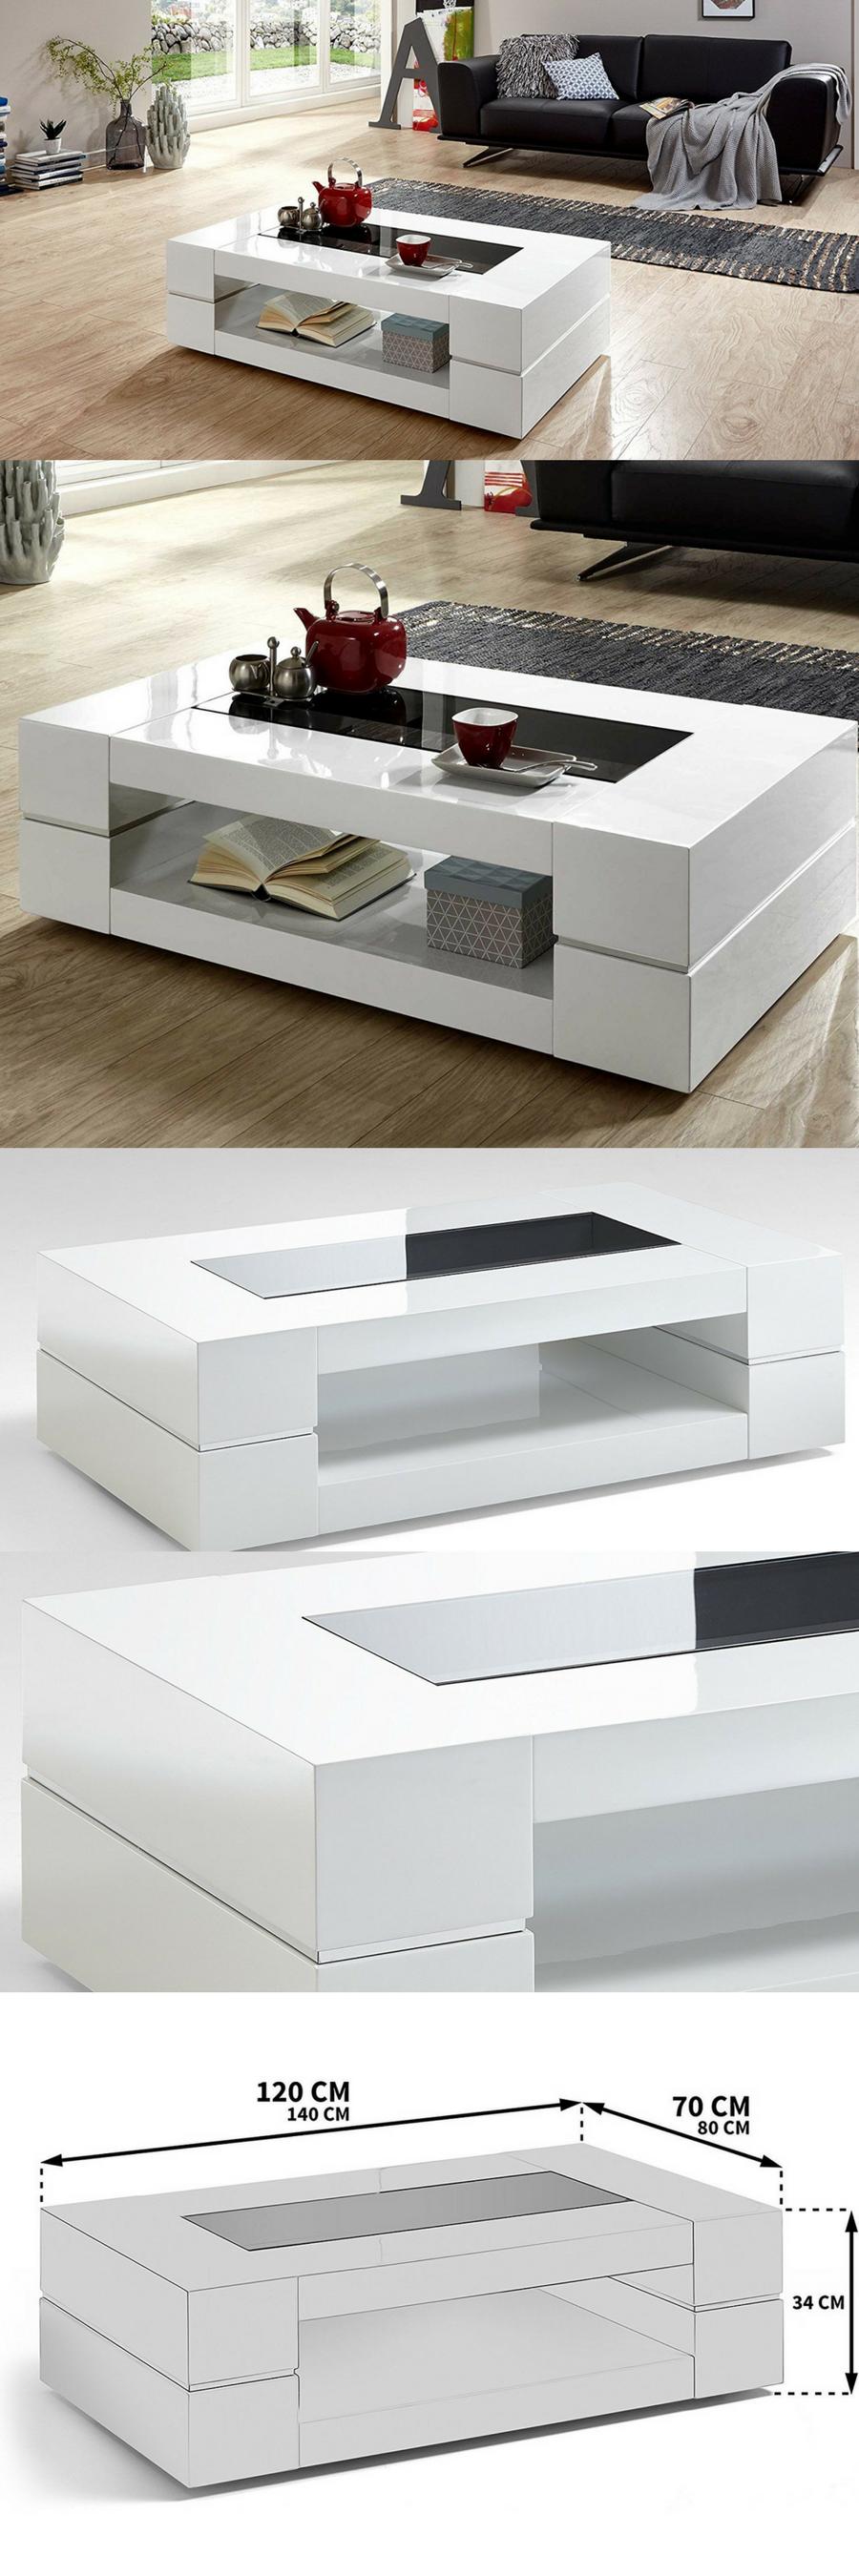 Wundervoll Couchtisch Weiß Glasplatte Foto Von Weiß Hochglanz Mit Sera 120x70cm Glastisch Einrichten